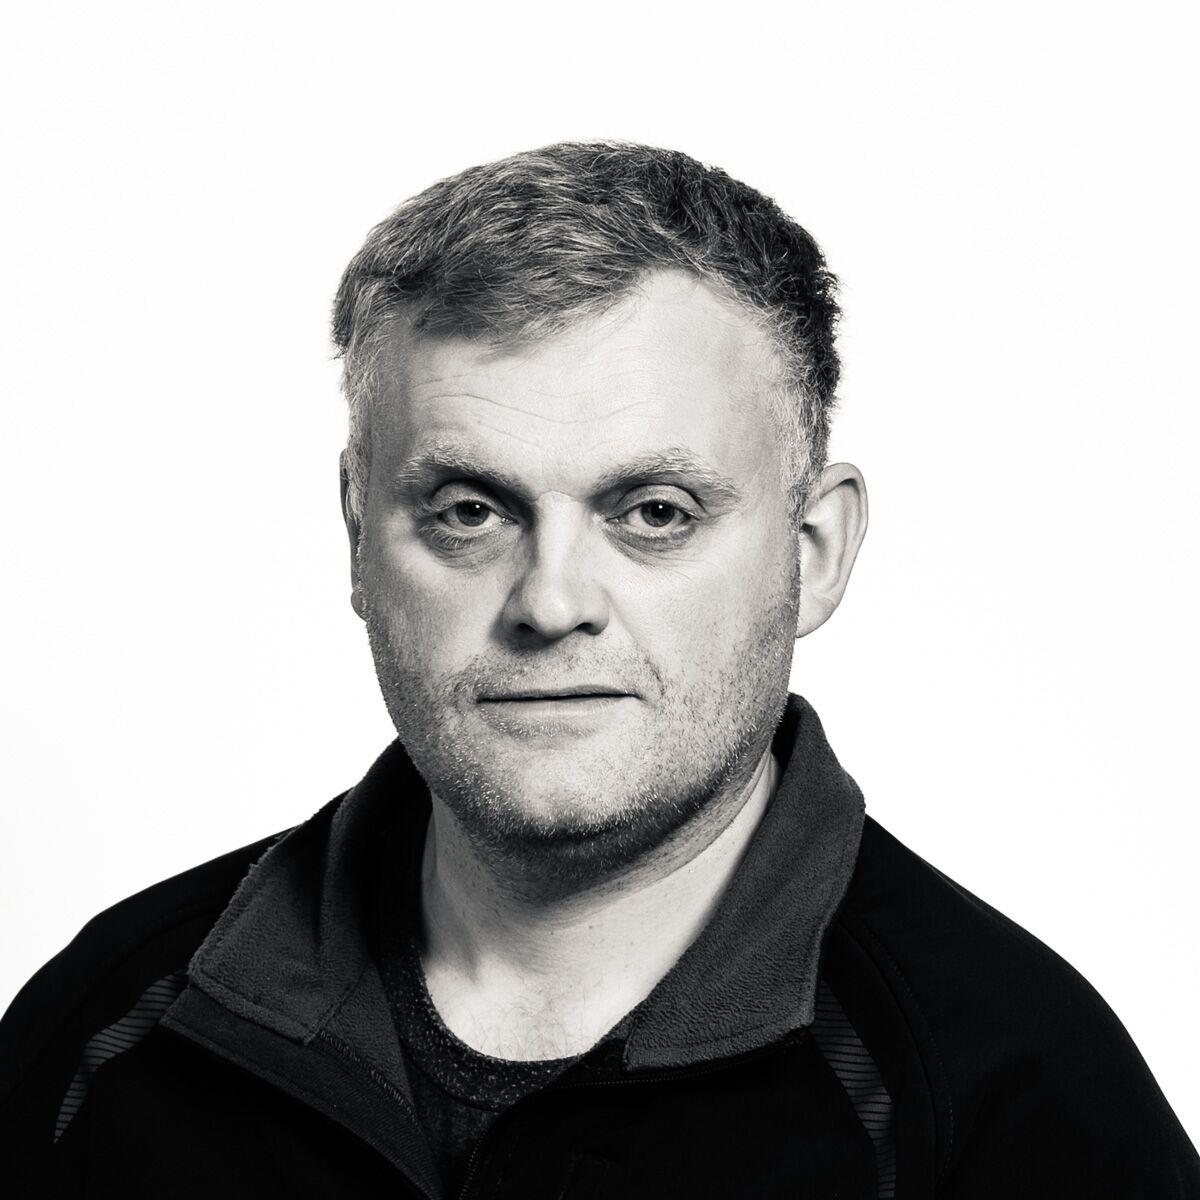 Iðnaðarmaður